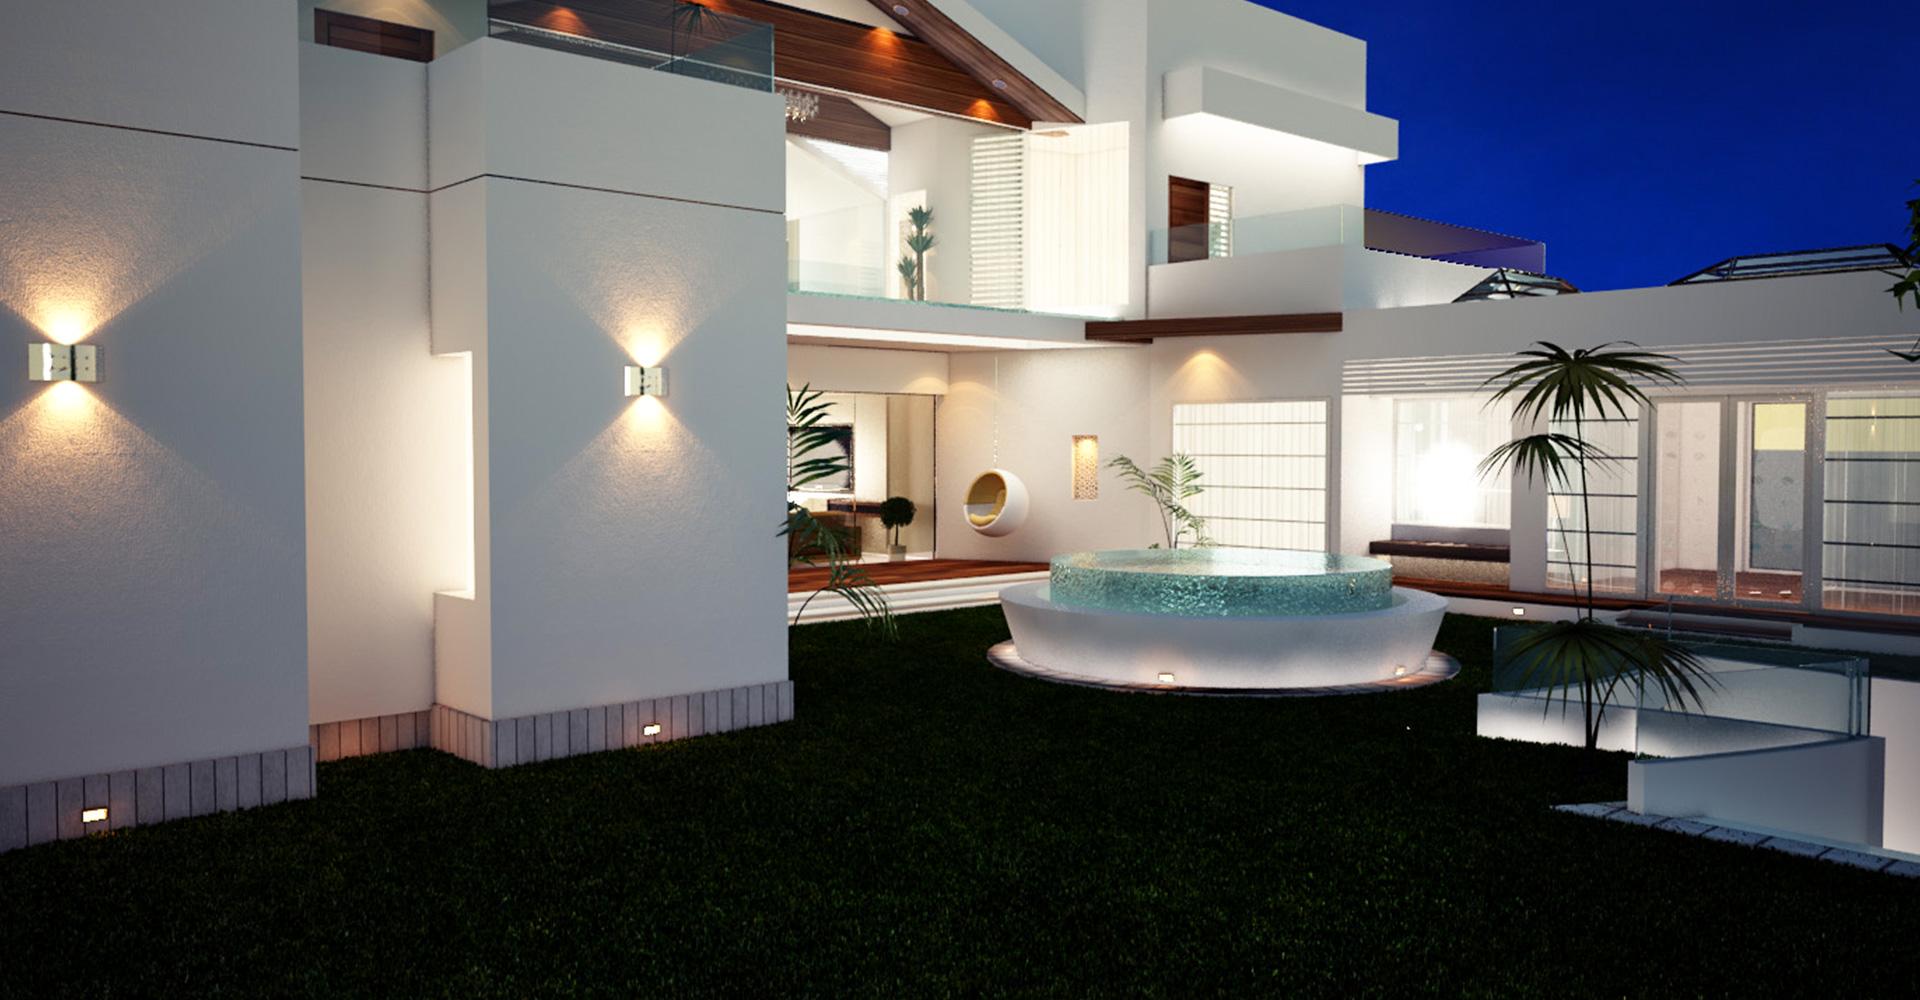 Residential-Interior-Design-Hiline-Lahore-portfolio-65J-DHA-EME-05 (49)